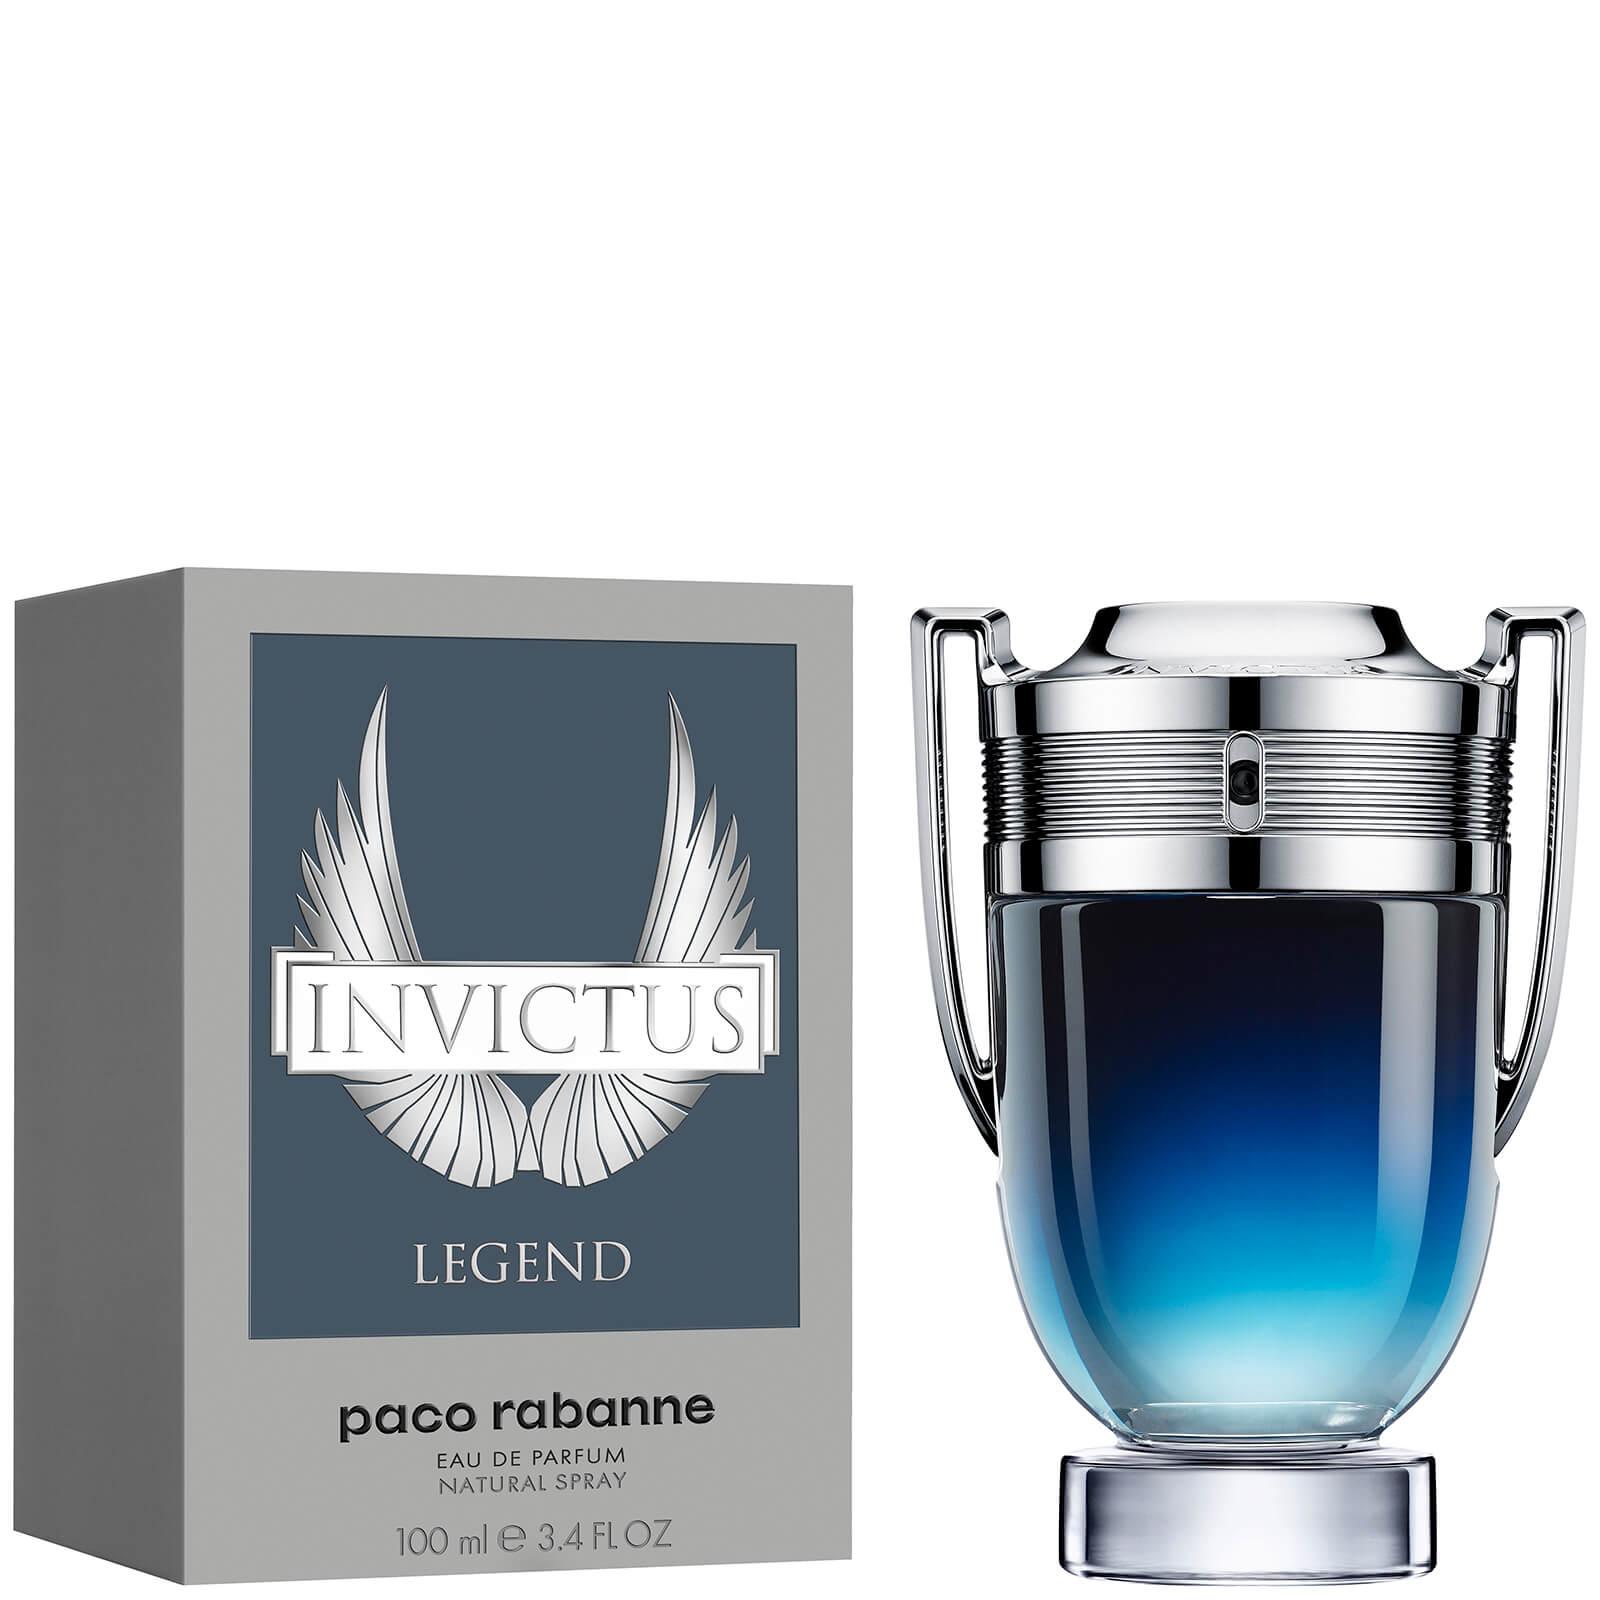 Paco Rabanne Invictus Legend Eau de